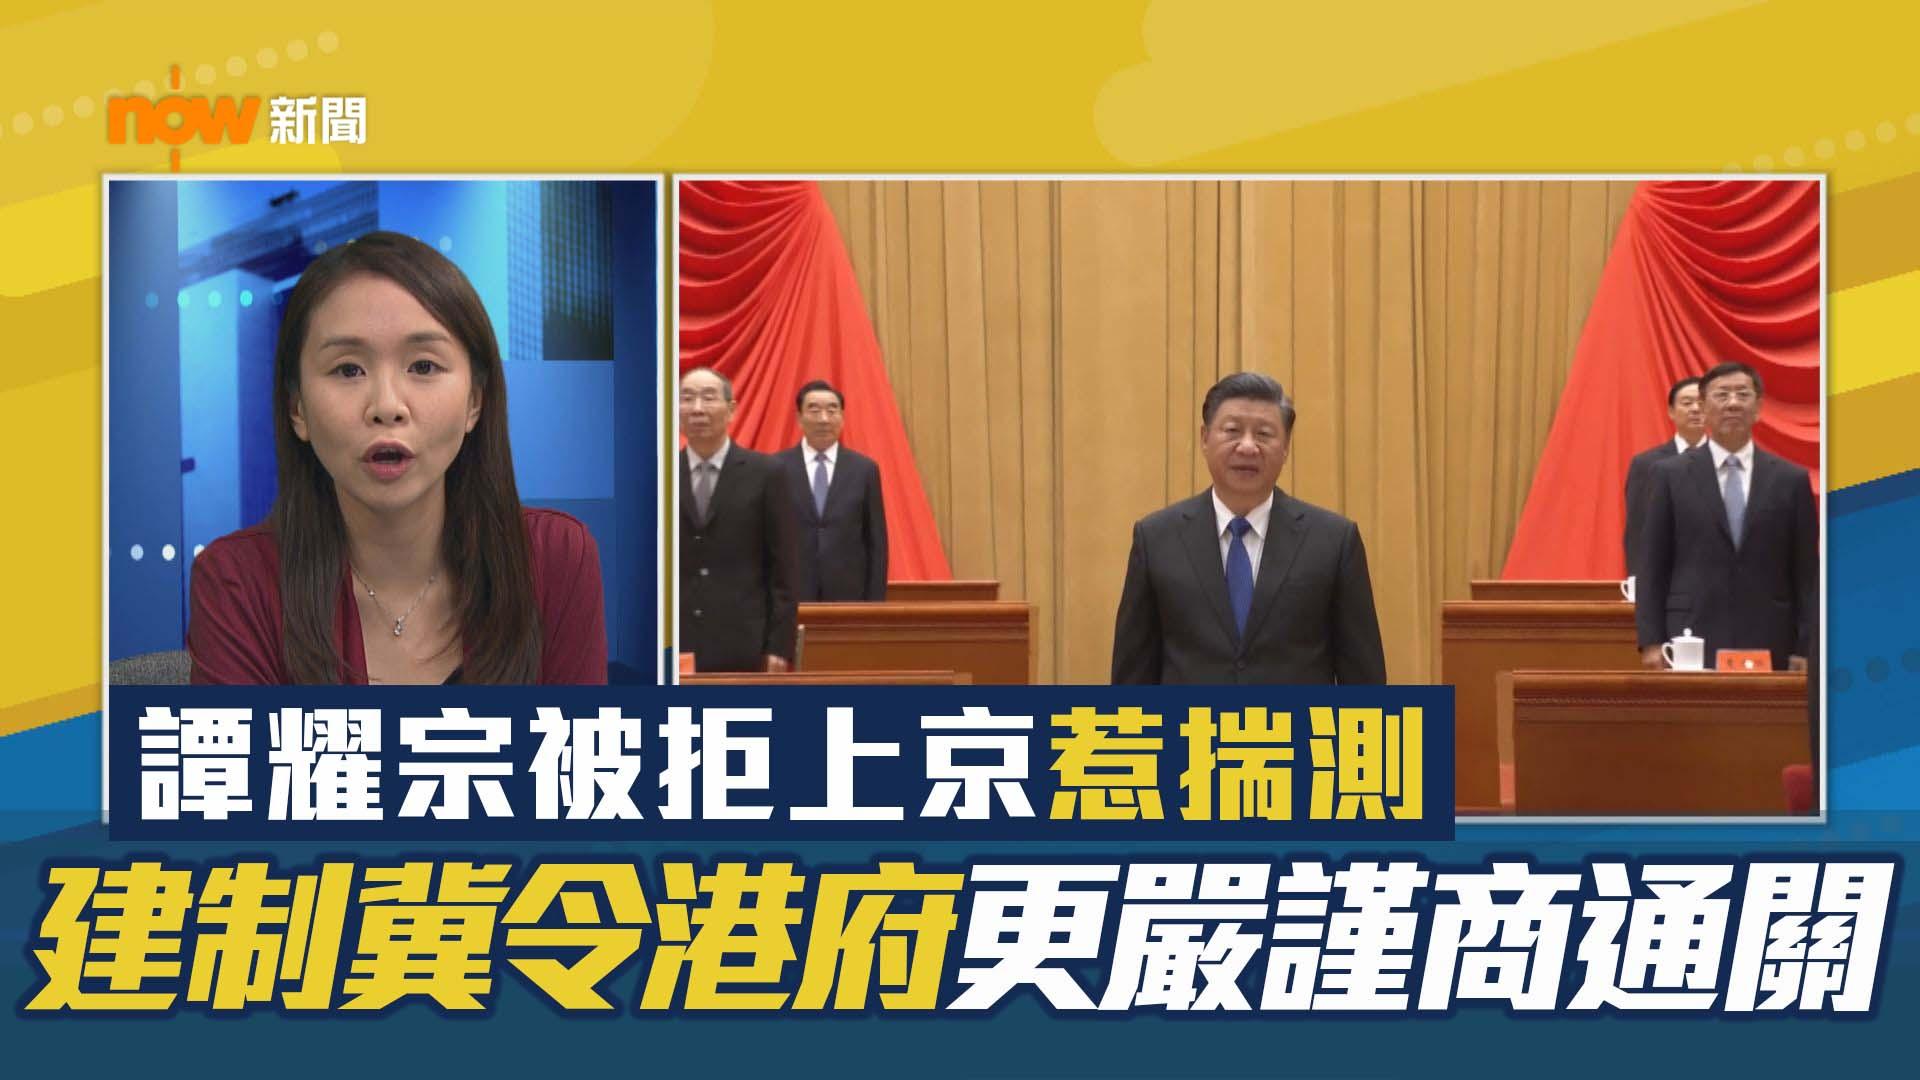 【政情】譚耀宗被拒上京惹揣測 建制冀令港府更嚴謹商通關